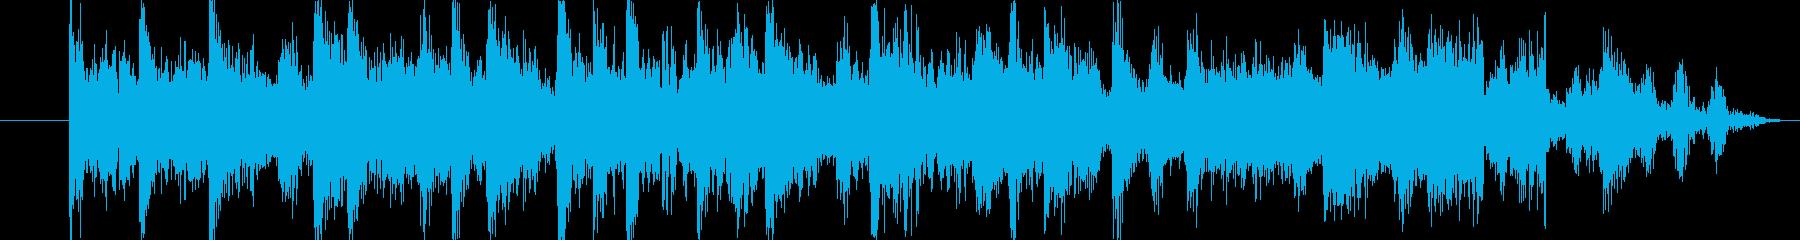 ジングル用BGM(危機&脱出!)の再生済みの波形